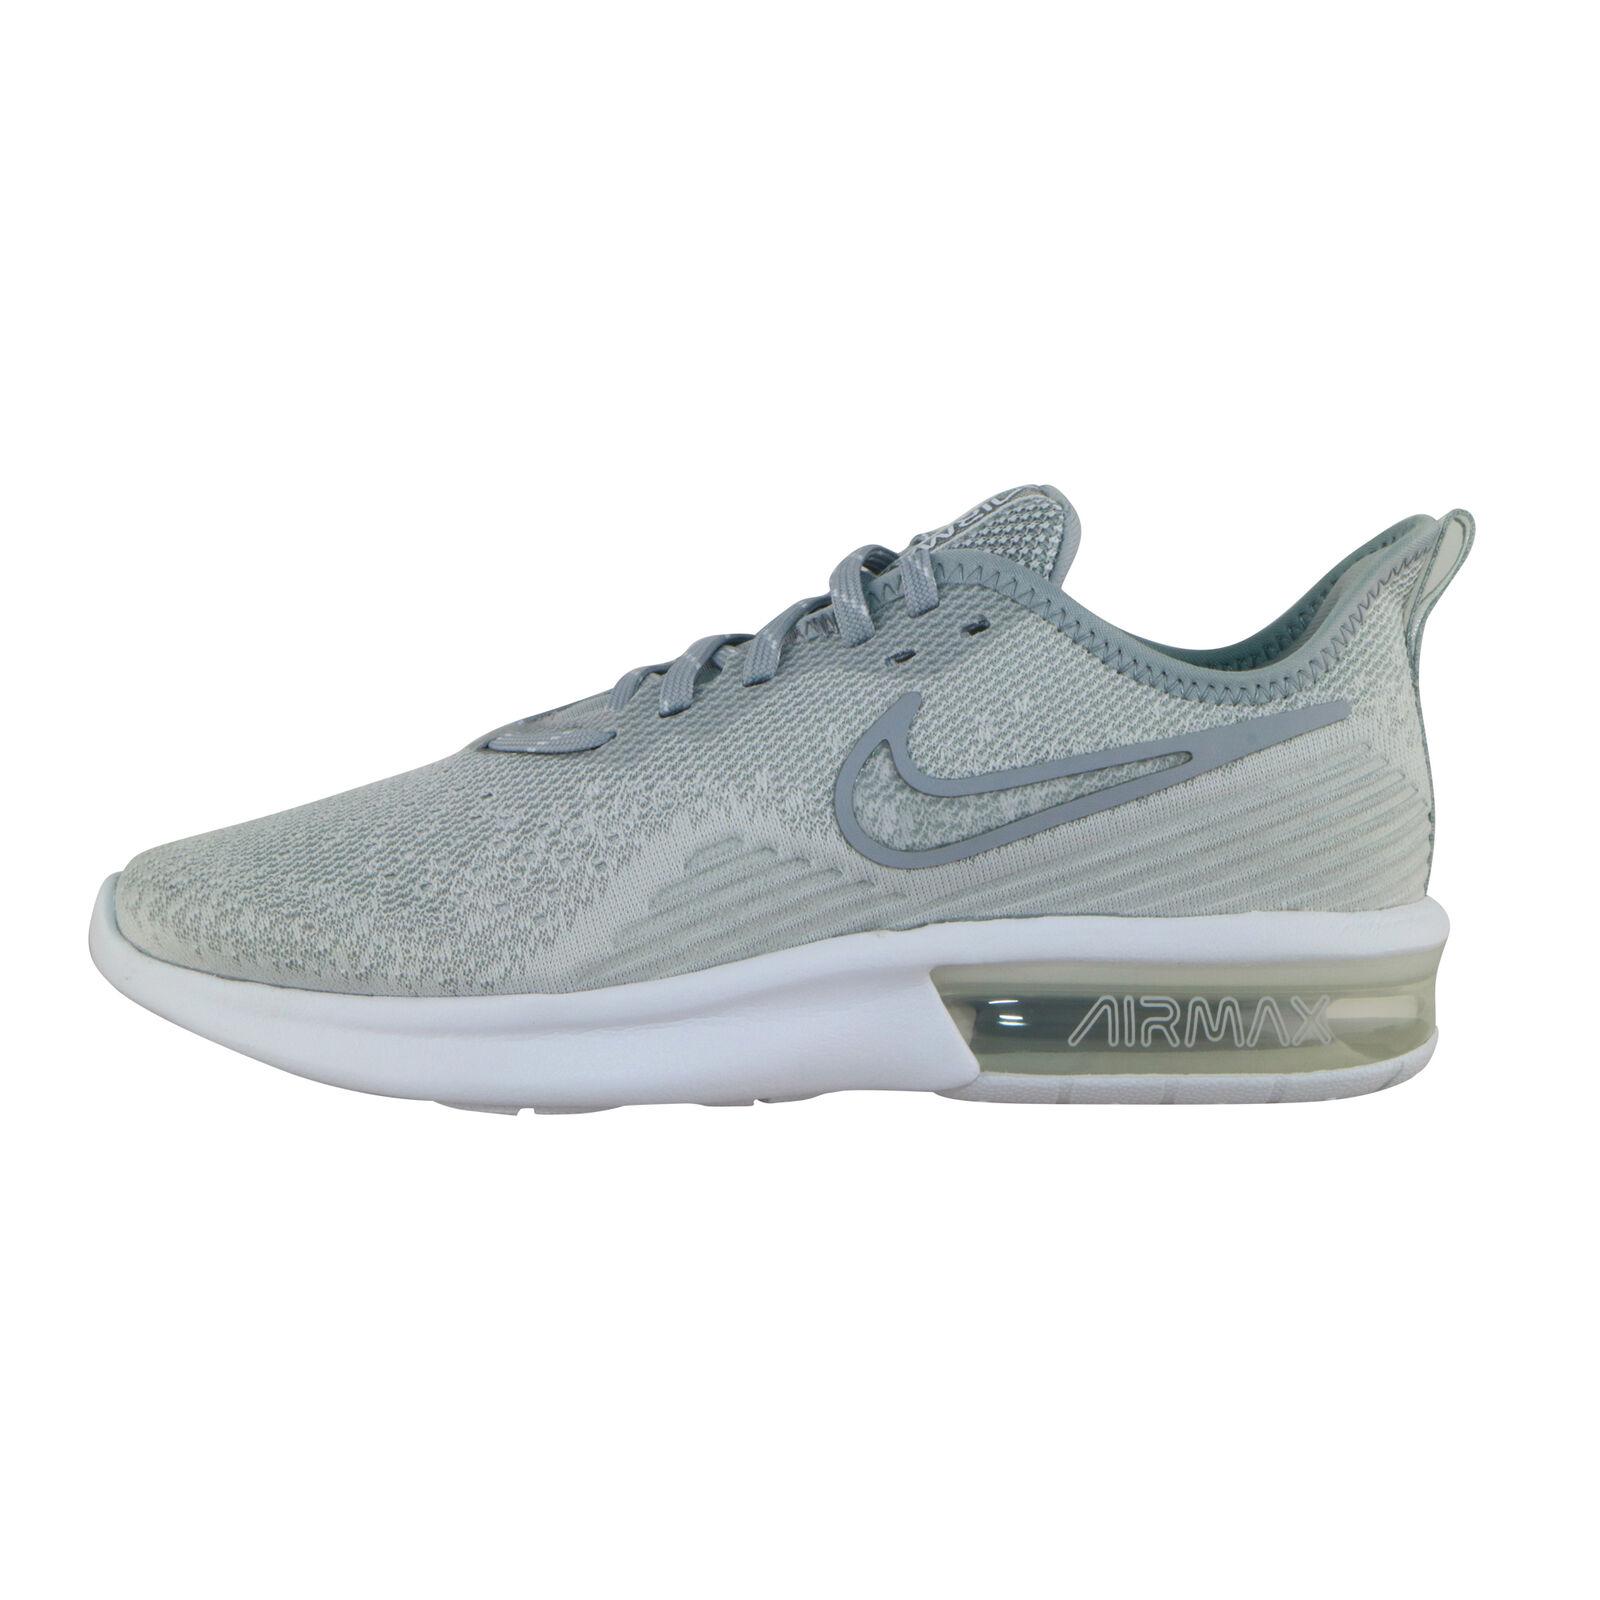 Details zu Nike Air Max Sequent 4 Women grau AO4486 100